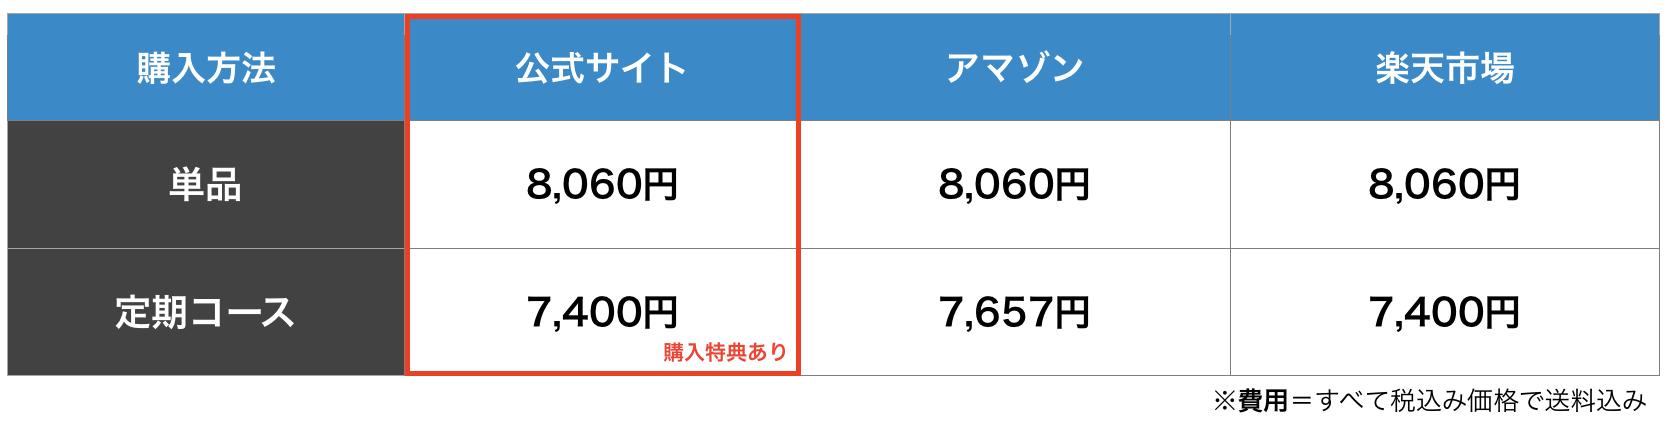 チャップアップの購入方法3つを比較